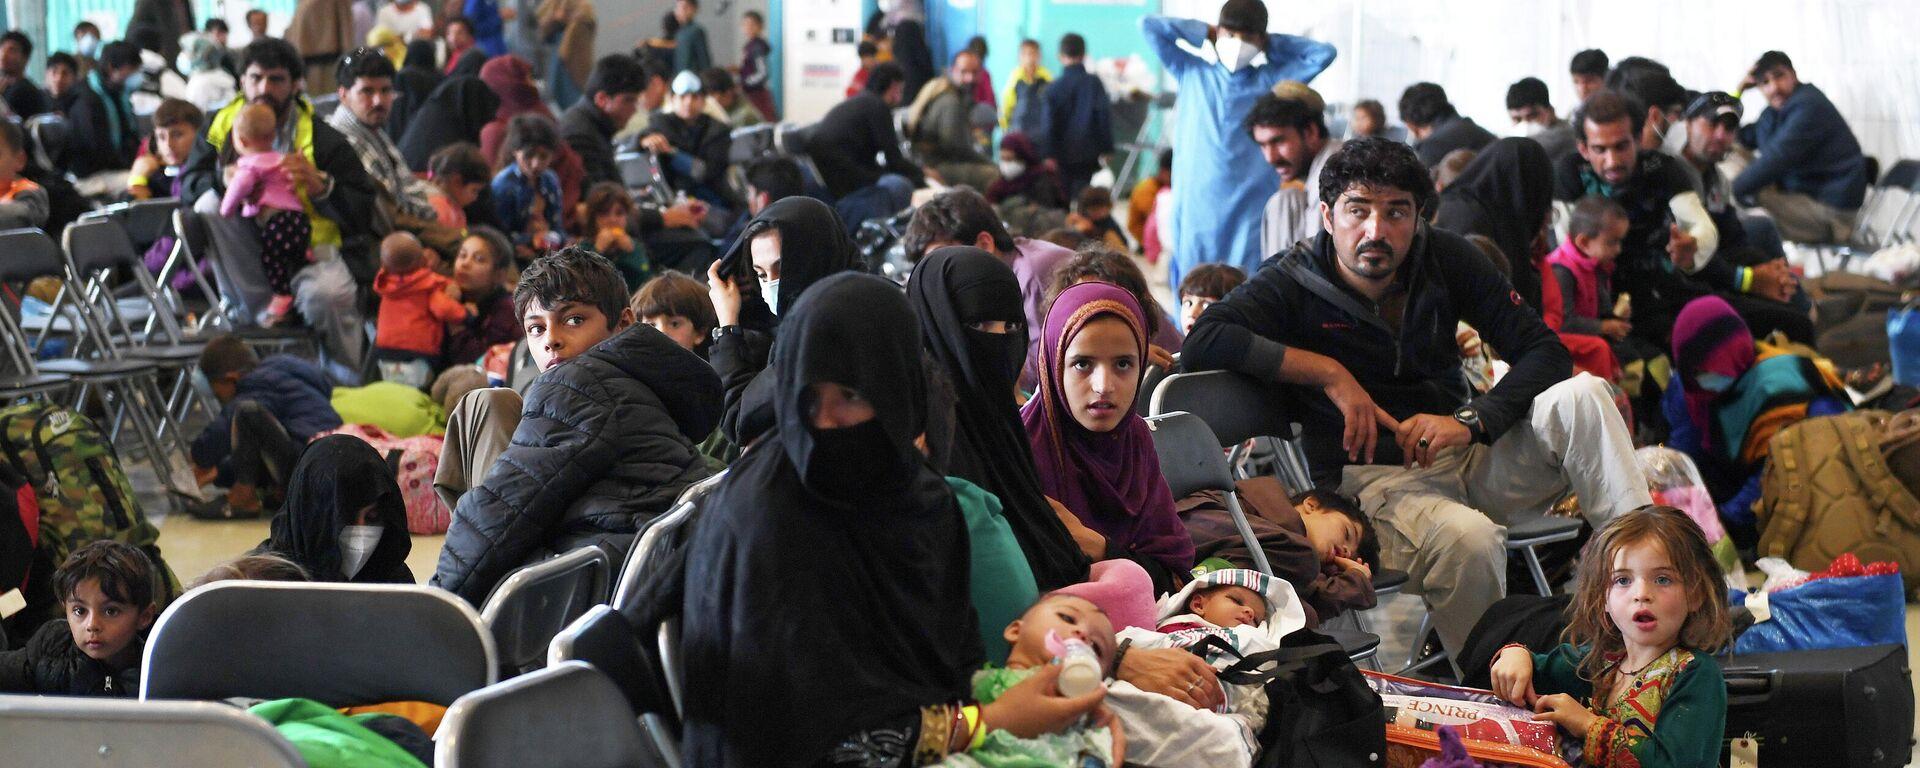 Afghanische Flüchtlinge - SNA, 1920, 10.09.2021